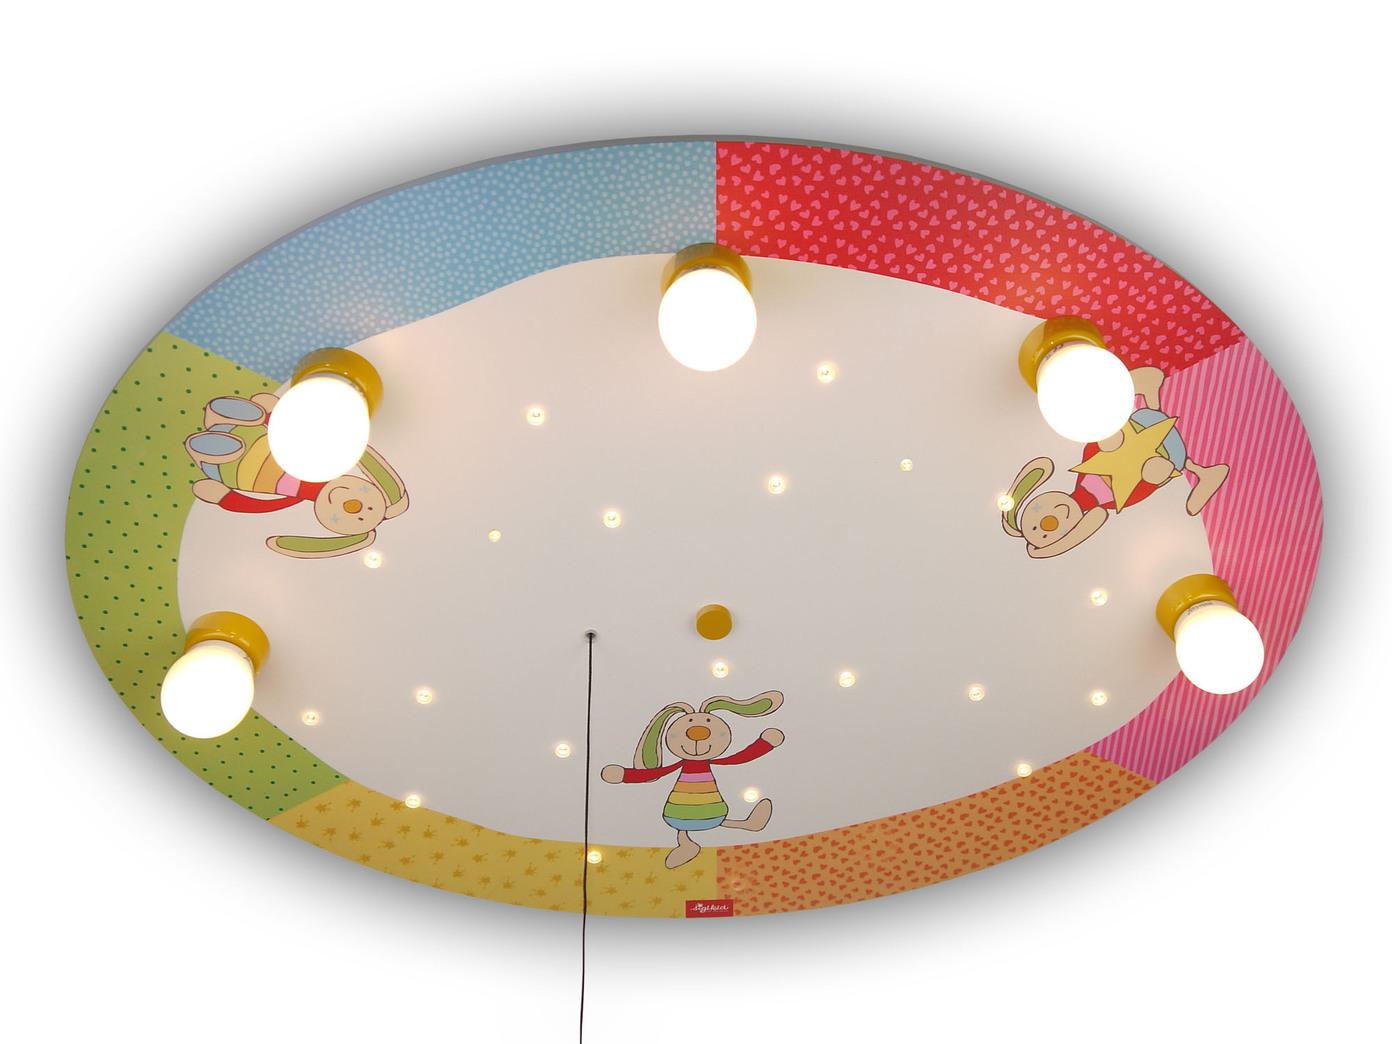 Led deckenleuchte kinderzimmer bunte h schen schlummerlicht alexa licht an ebay - Led deckenleuchte kinderzimmer ...